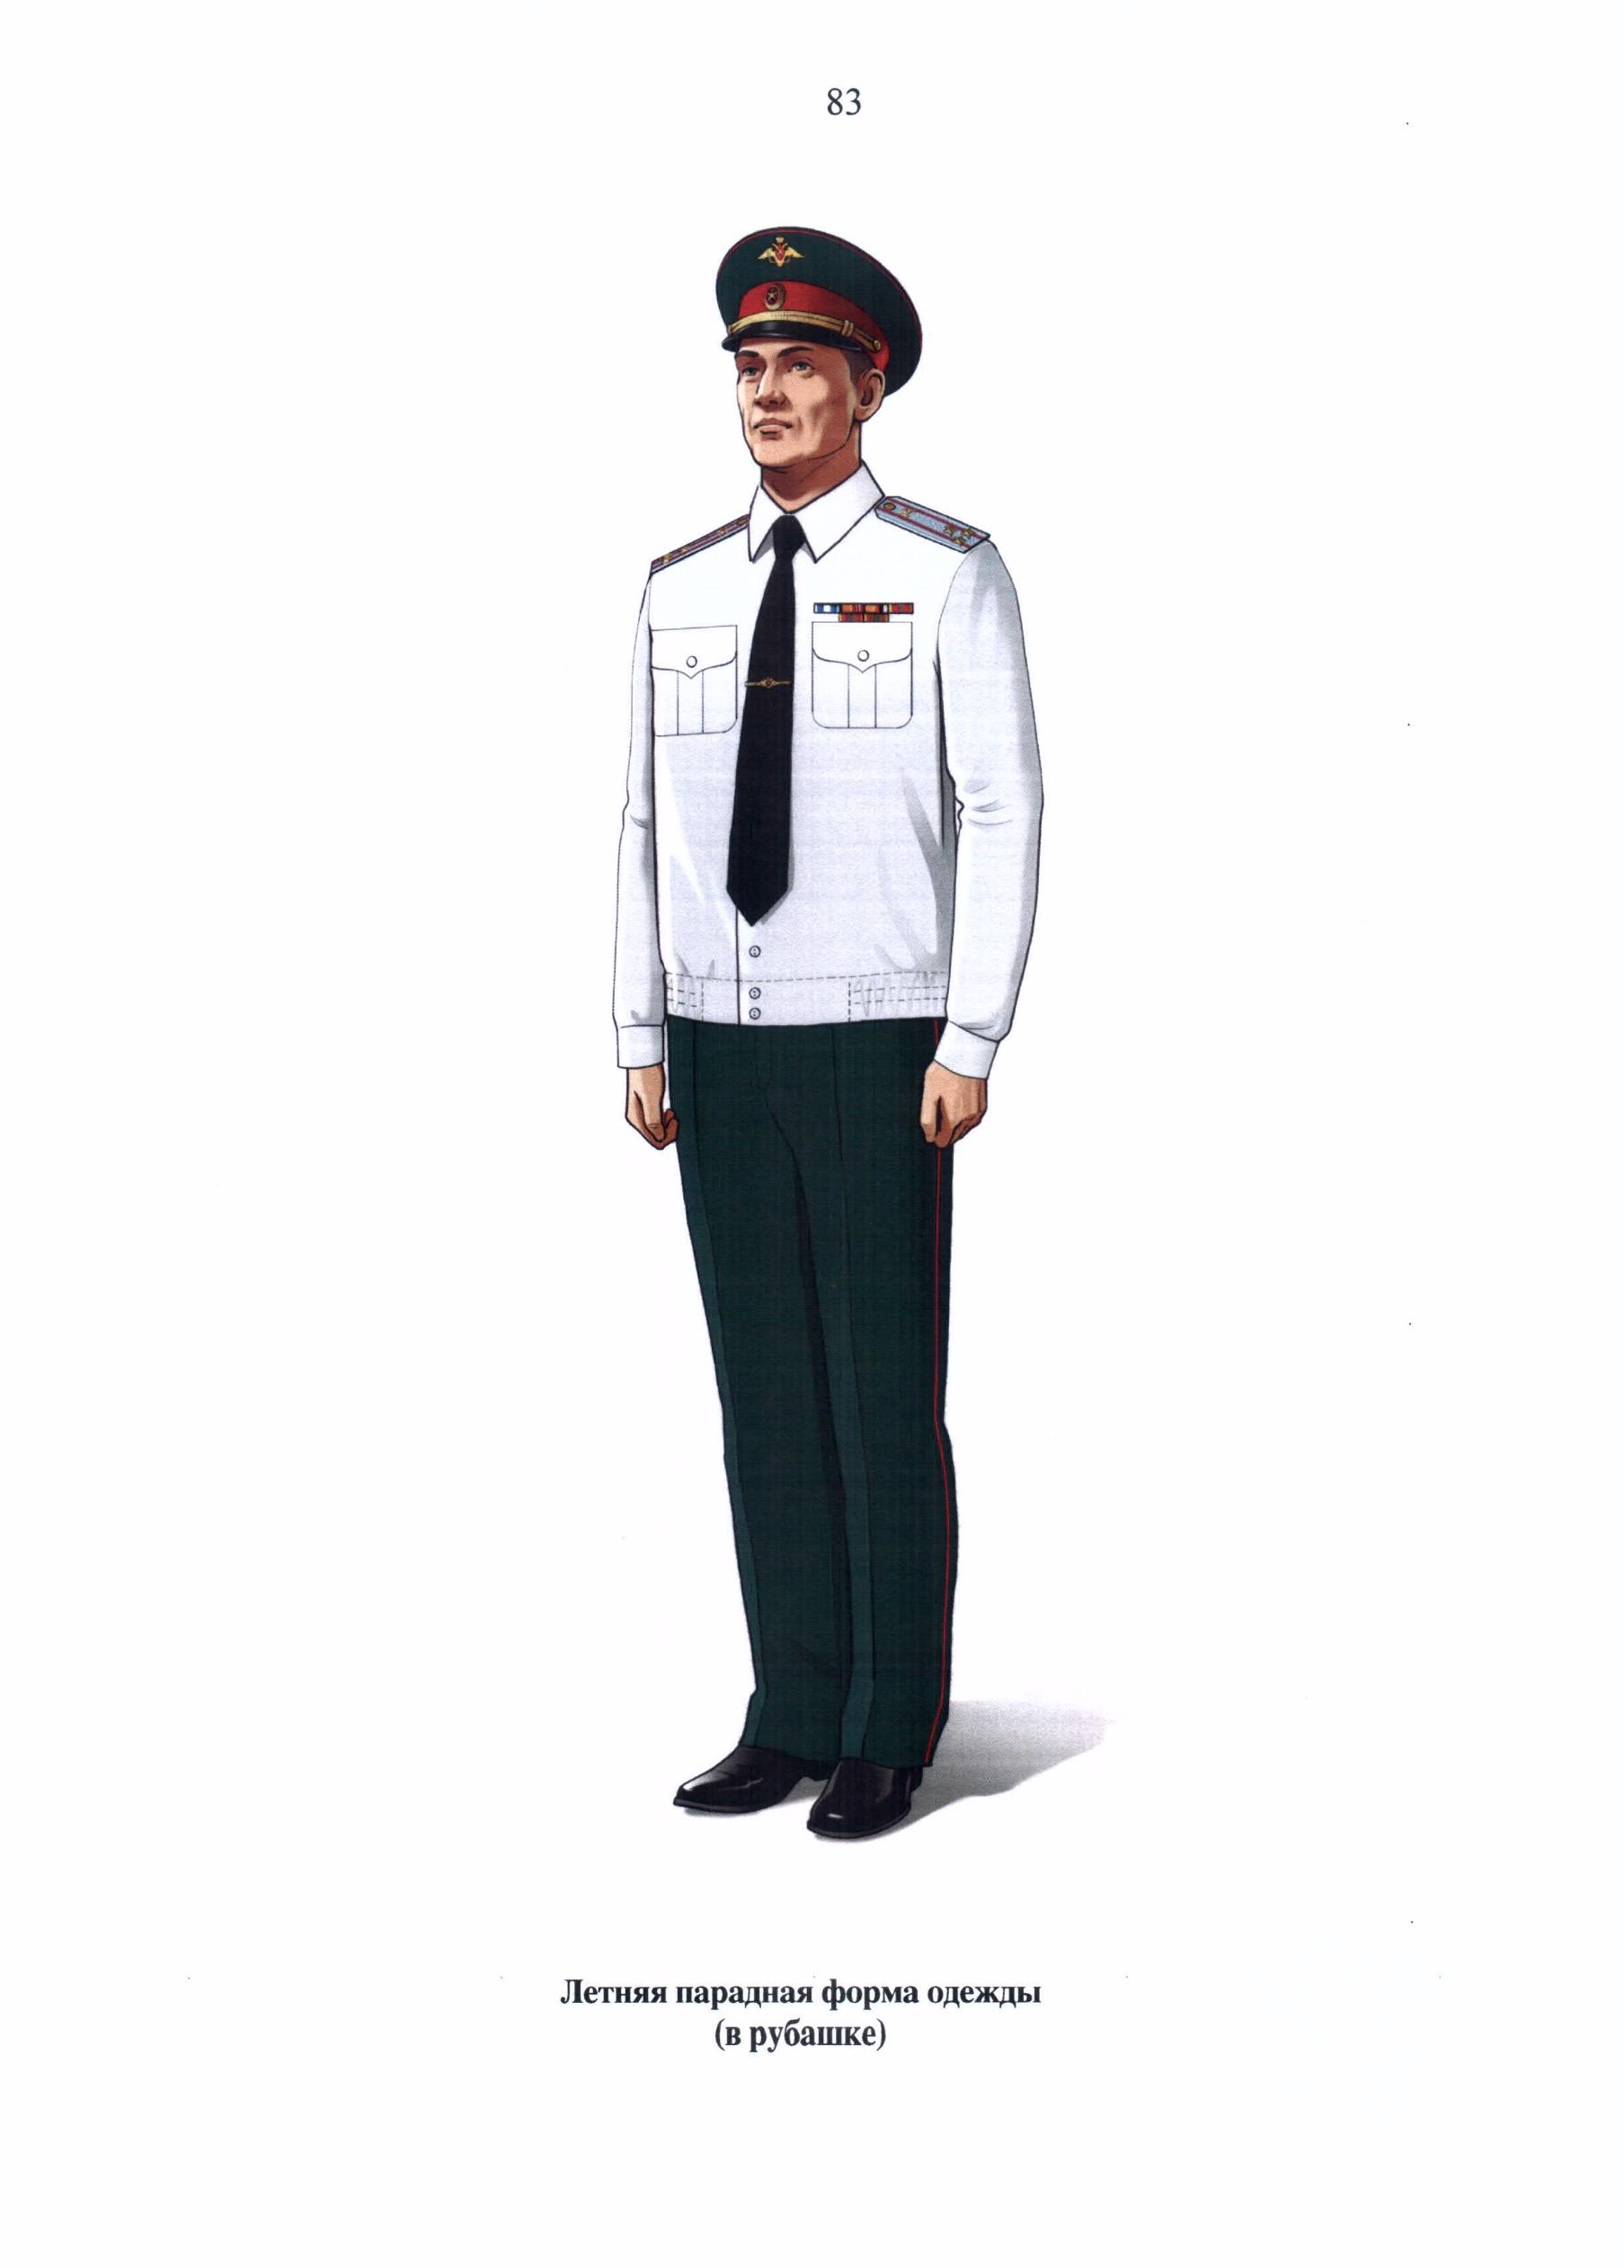 C:\Users\User\Desktop\Приказ МО РФ от 22.06.2015 г. № 300 Правила ношения военной формы одежды\180037.JPG